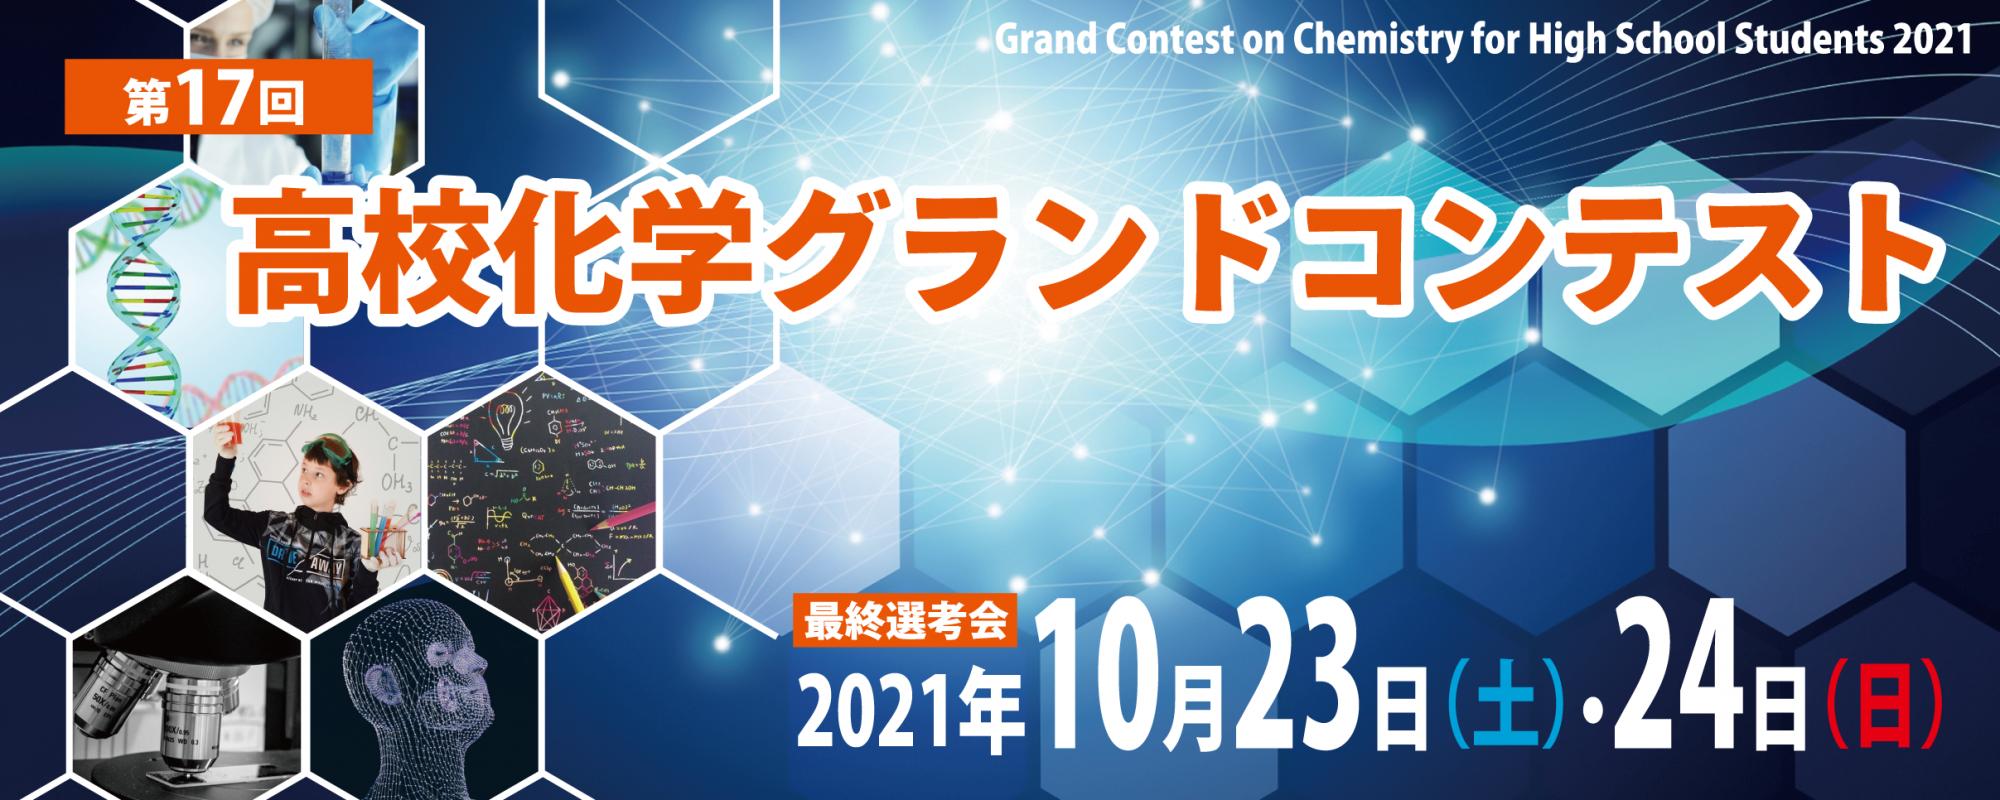 第17回高校化学グランドコンテスト